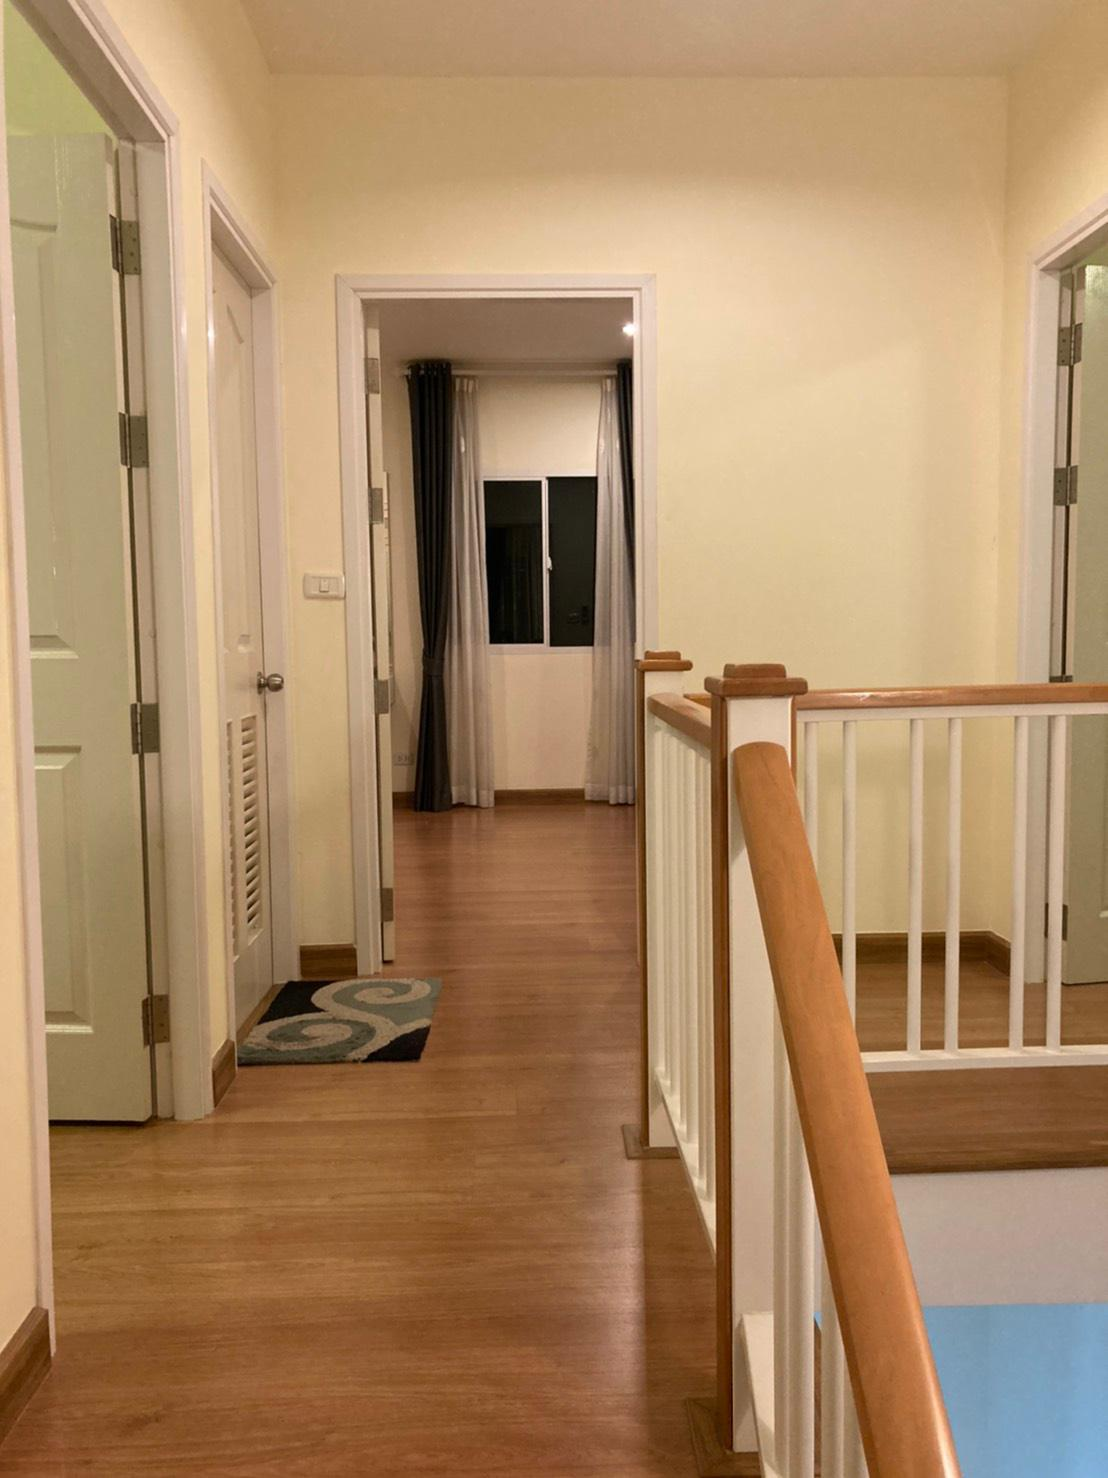 House fir rent in Kathu ID KT-046